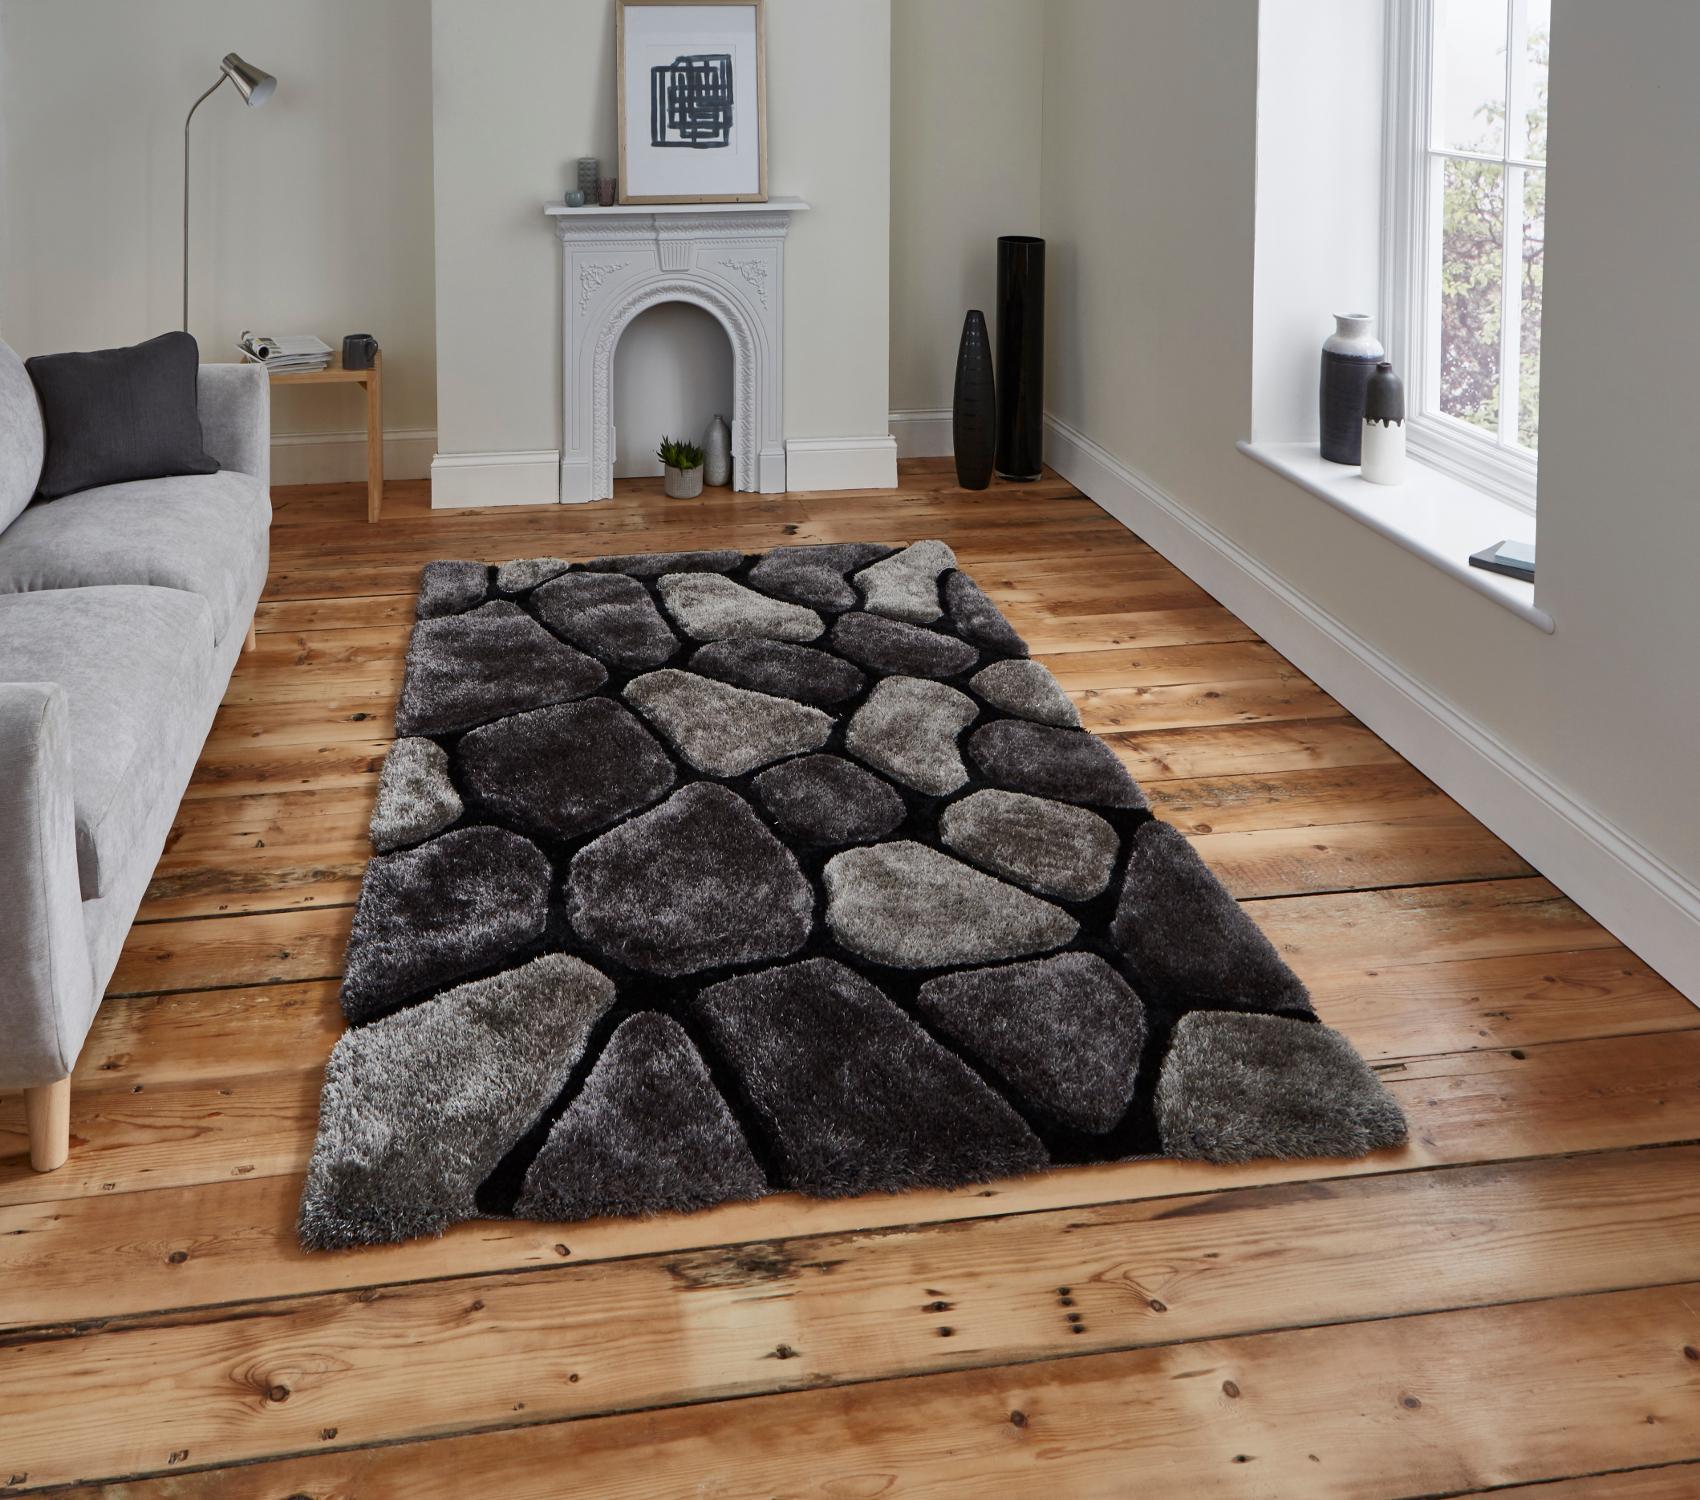 Black Grey Pebble Rug Shaggy Pile Le House Soft Hand Tufted Home Décor Mat